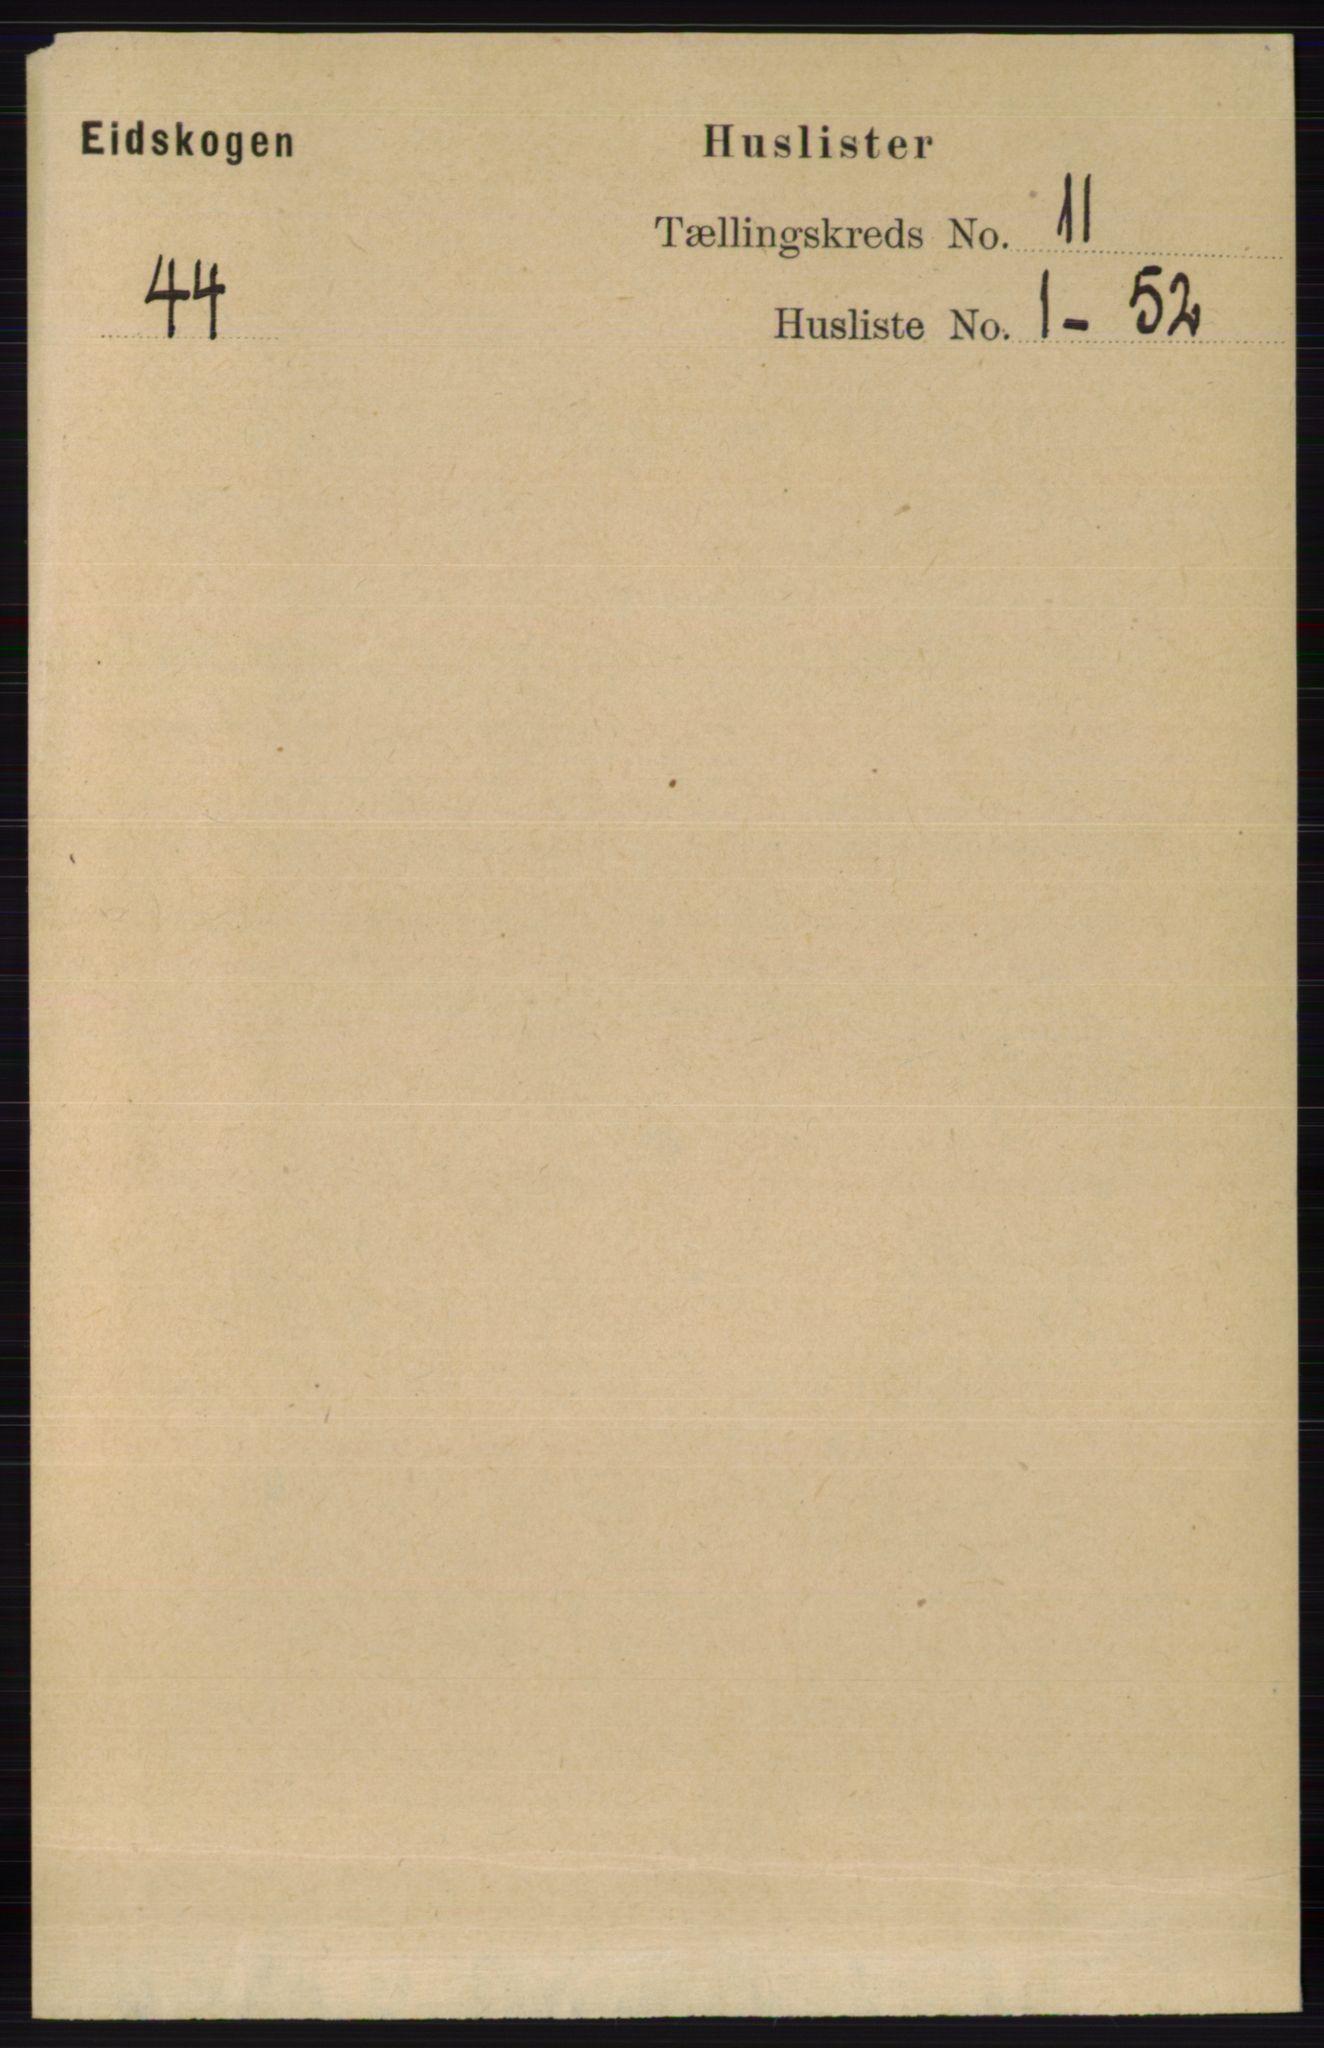 RA, Folketelling 1891 for 0420 Eidskog herred, 1891, s. 6706